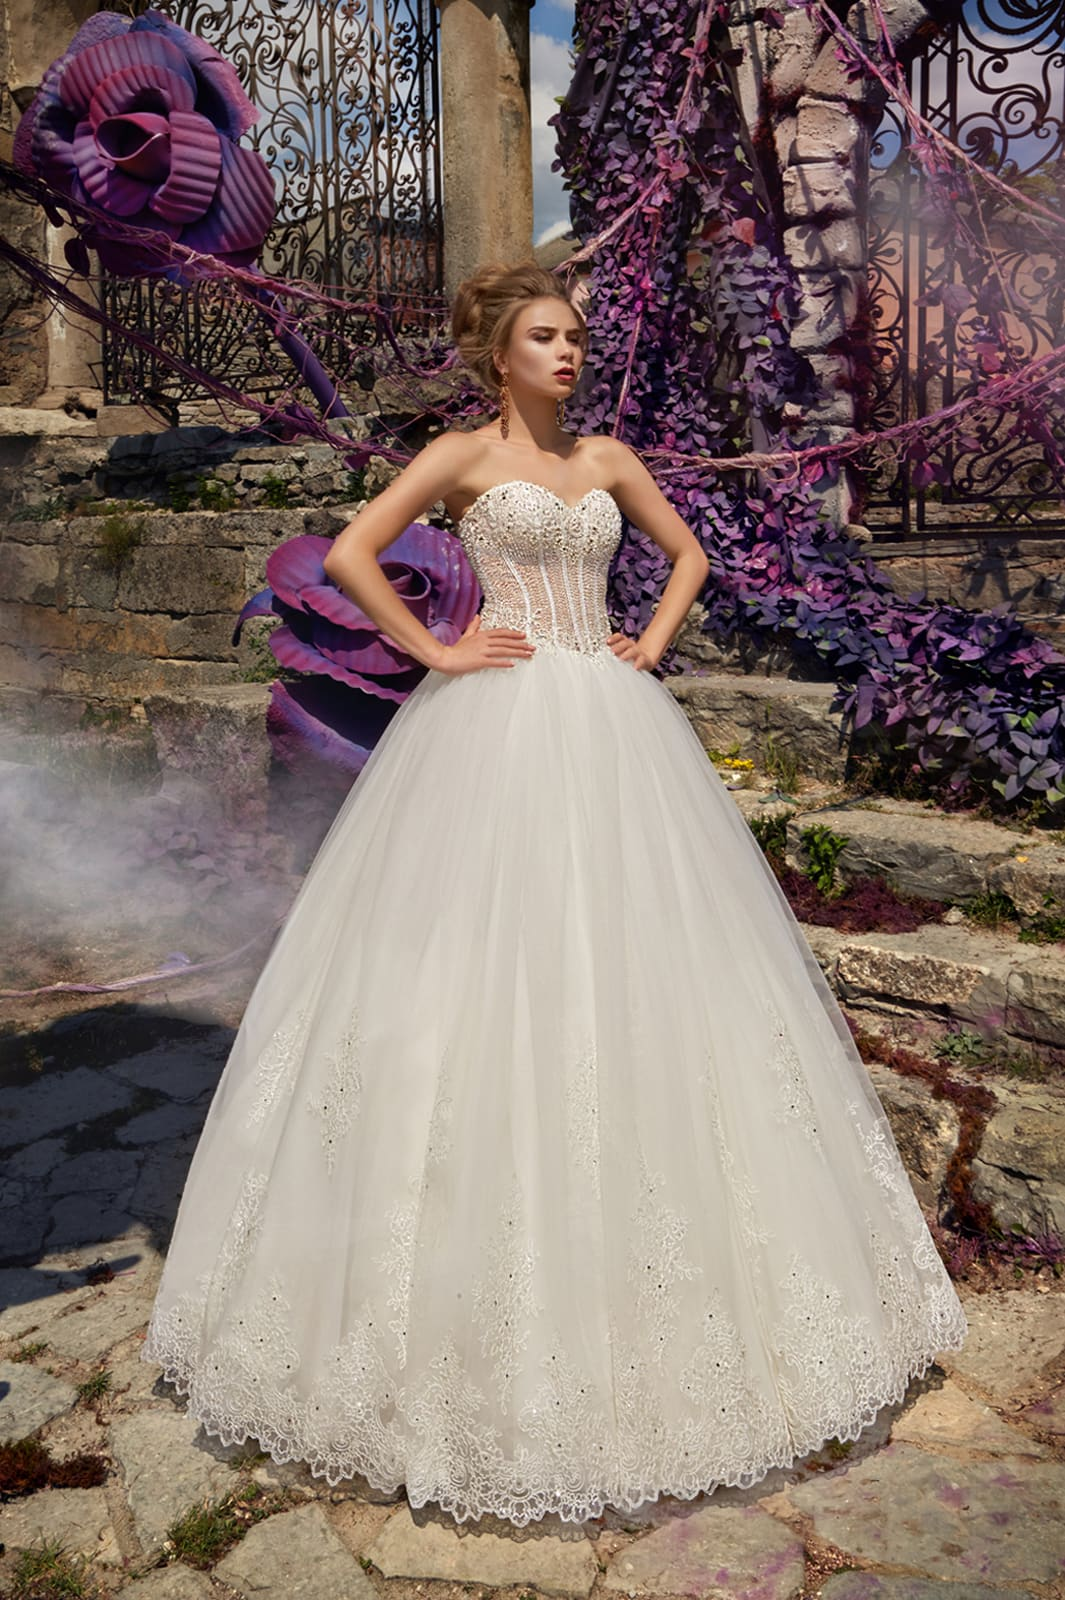 b50d78fb6840c42 Пышное свадебное платье с открытым лифом в форме сердца и полупрозрачным  вышитым корсетом.